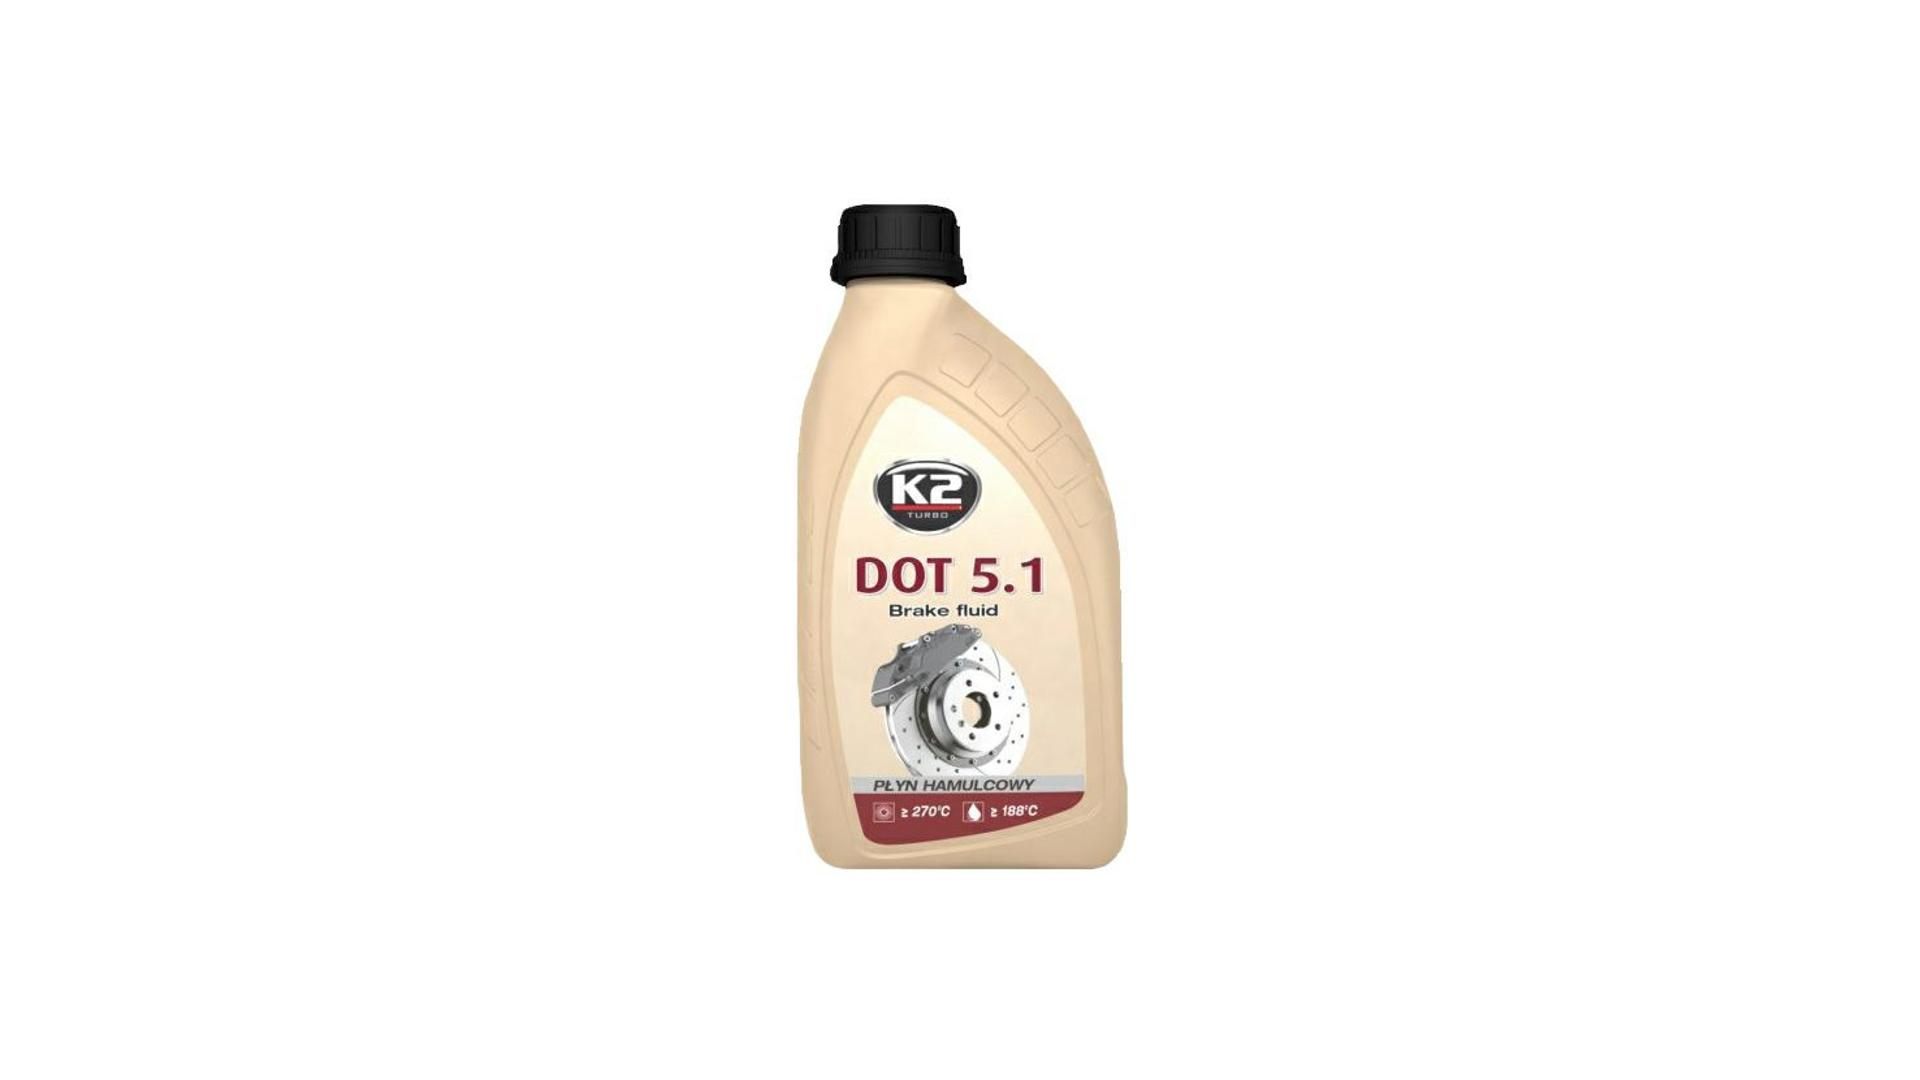 K2 DOT 5.1 - 500 g - brzdová kapalina